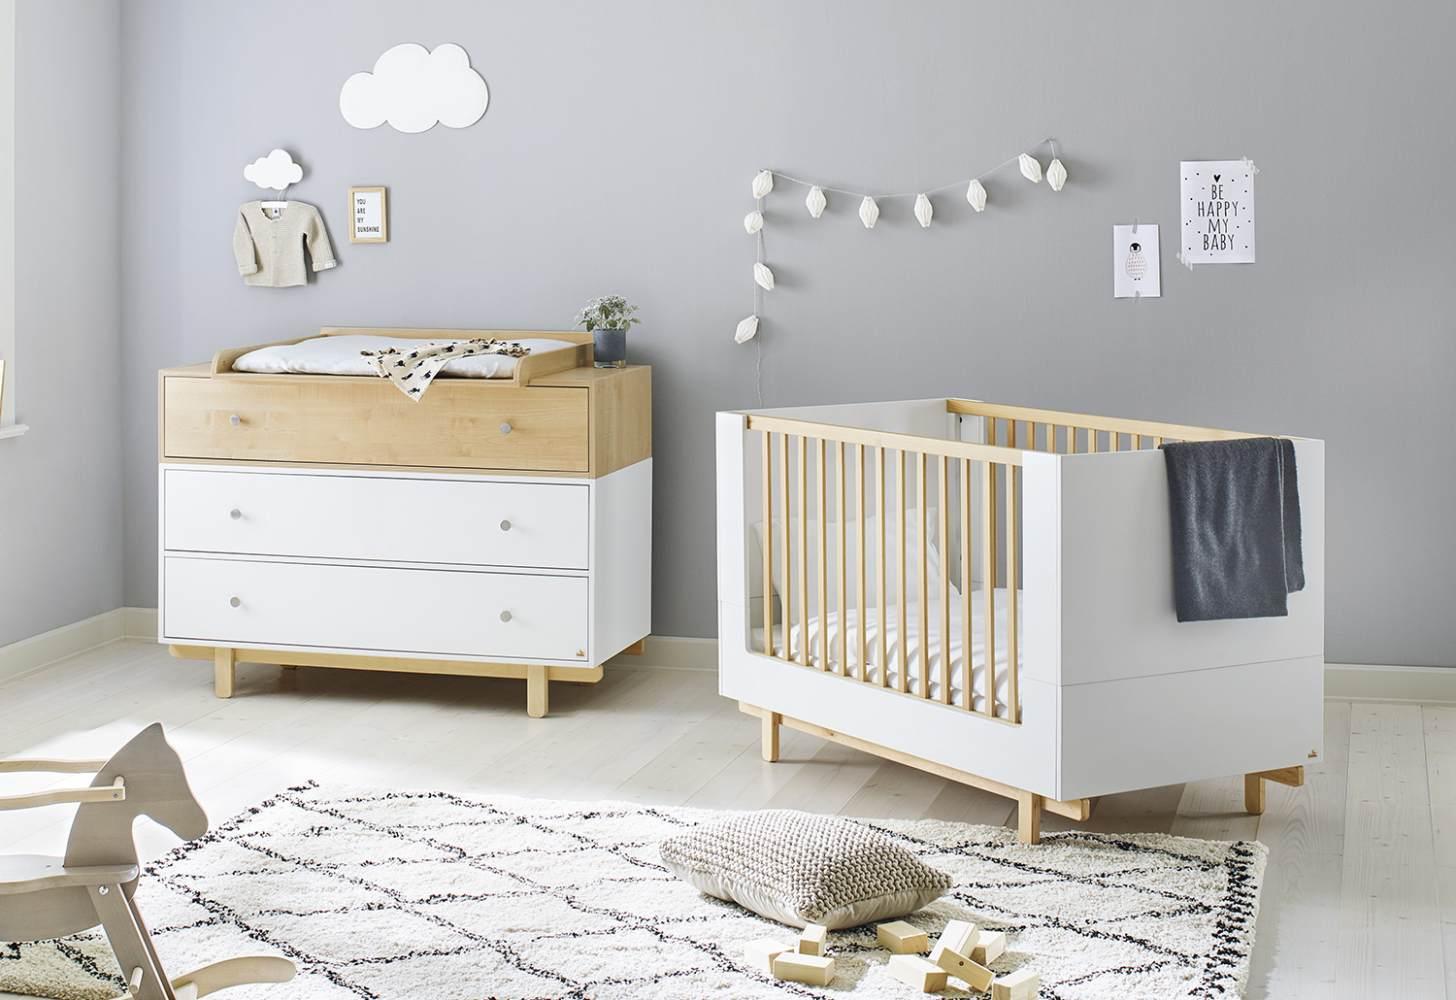 Pinolino 'Boks' 2-tlg. Babyzimmer-Set natur/weiß Bild 1